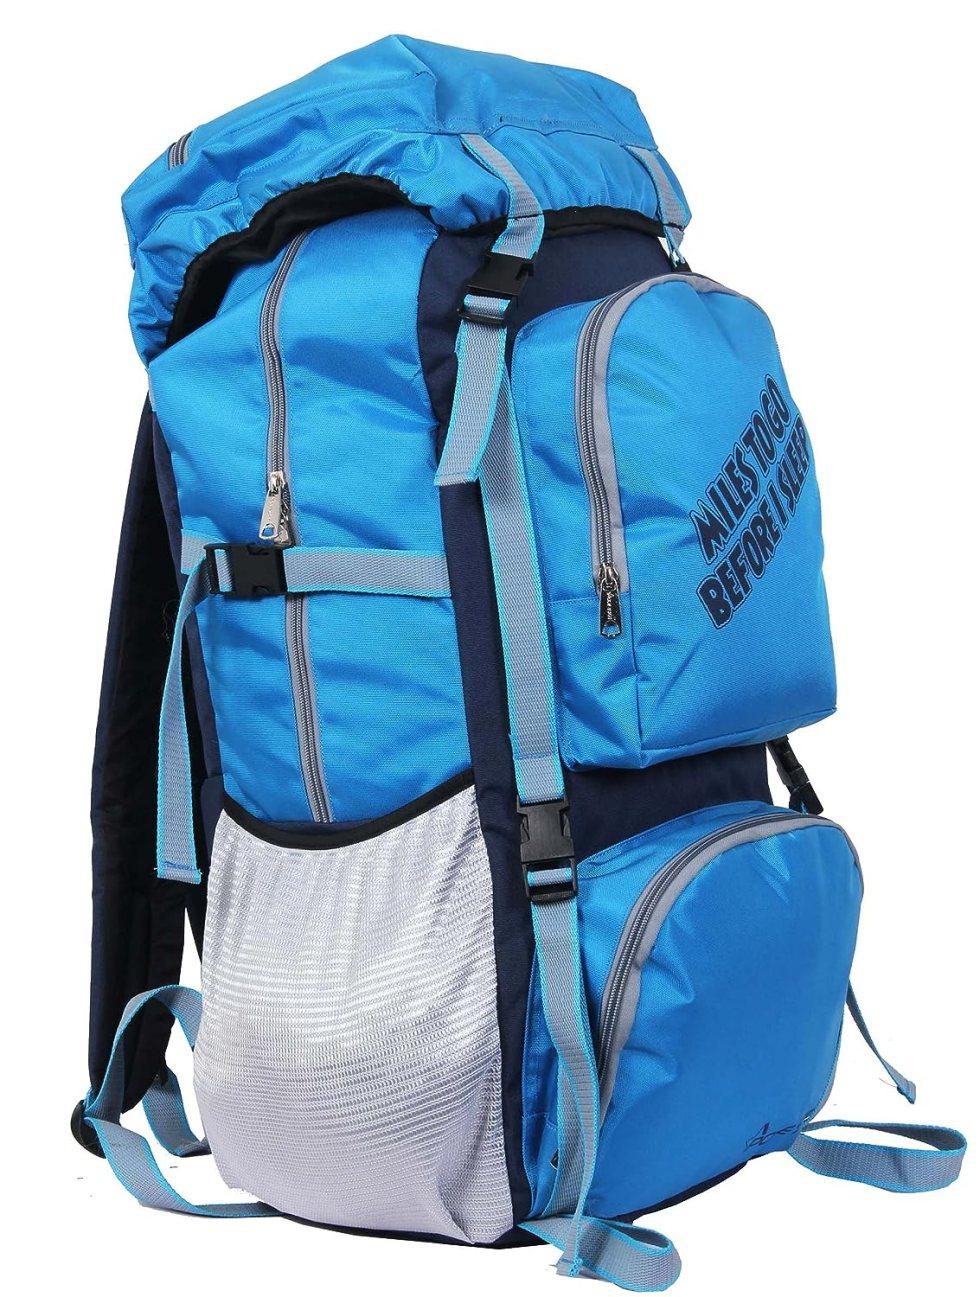 Rocky Polyester Travel Bag 60 Lt Light Weekend Backpack Bag